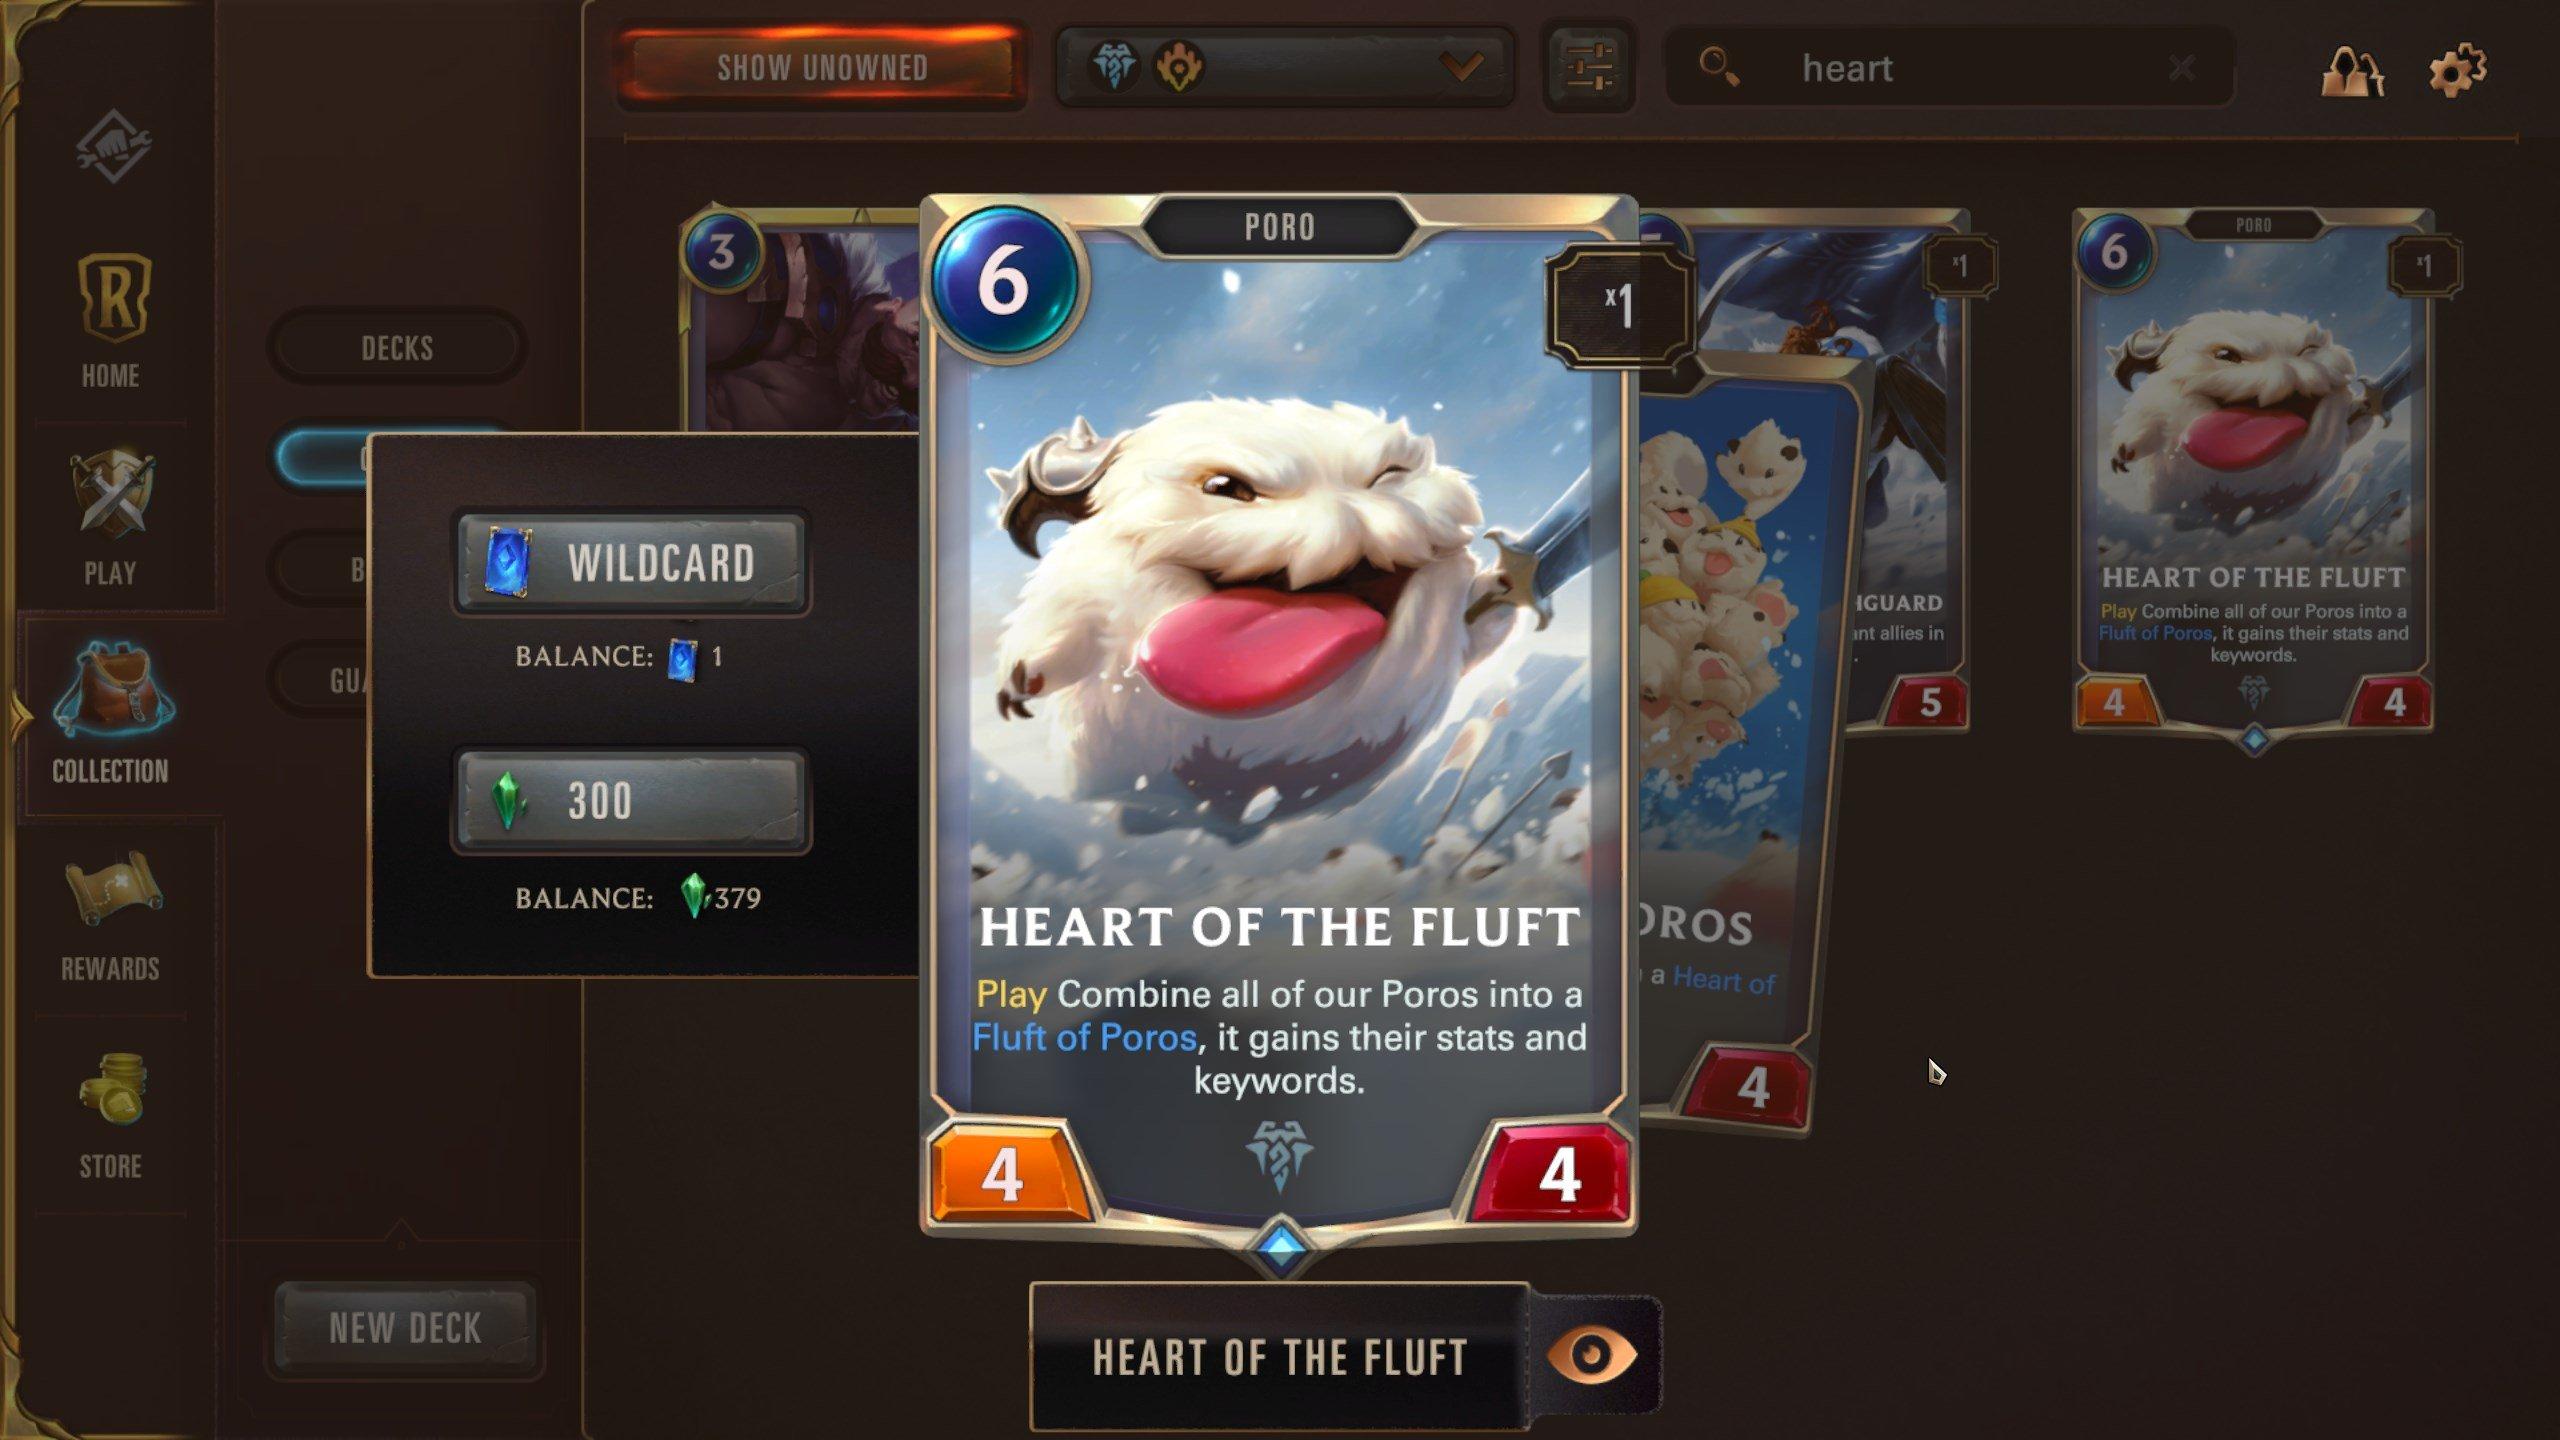 Heart of the Fluft - Legends of Runeterra